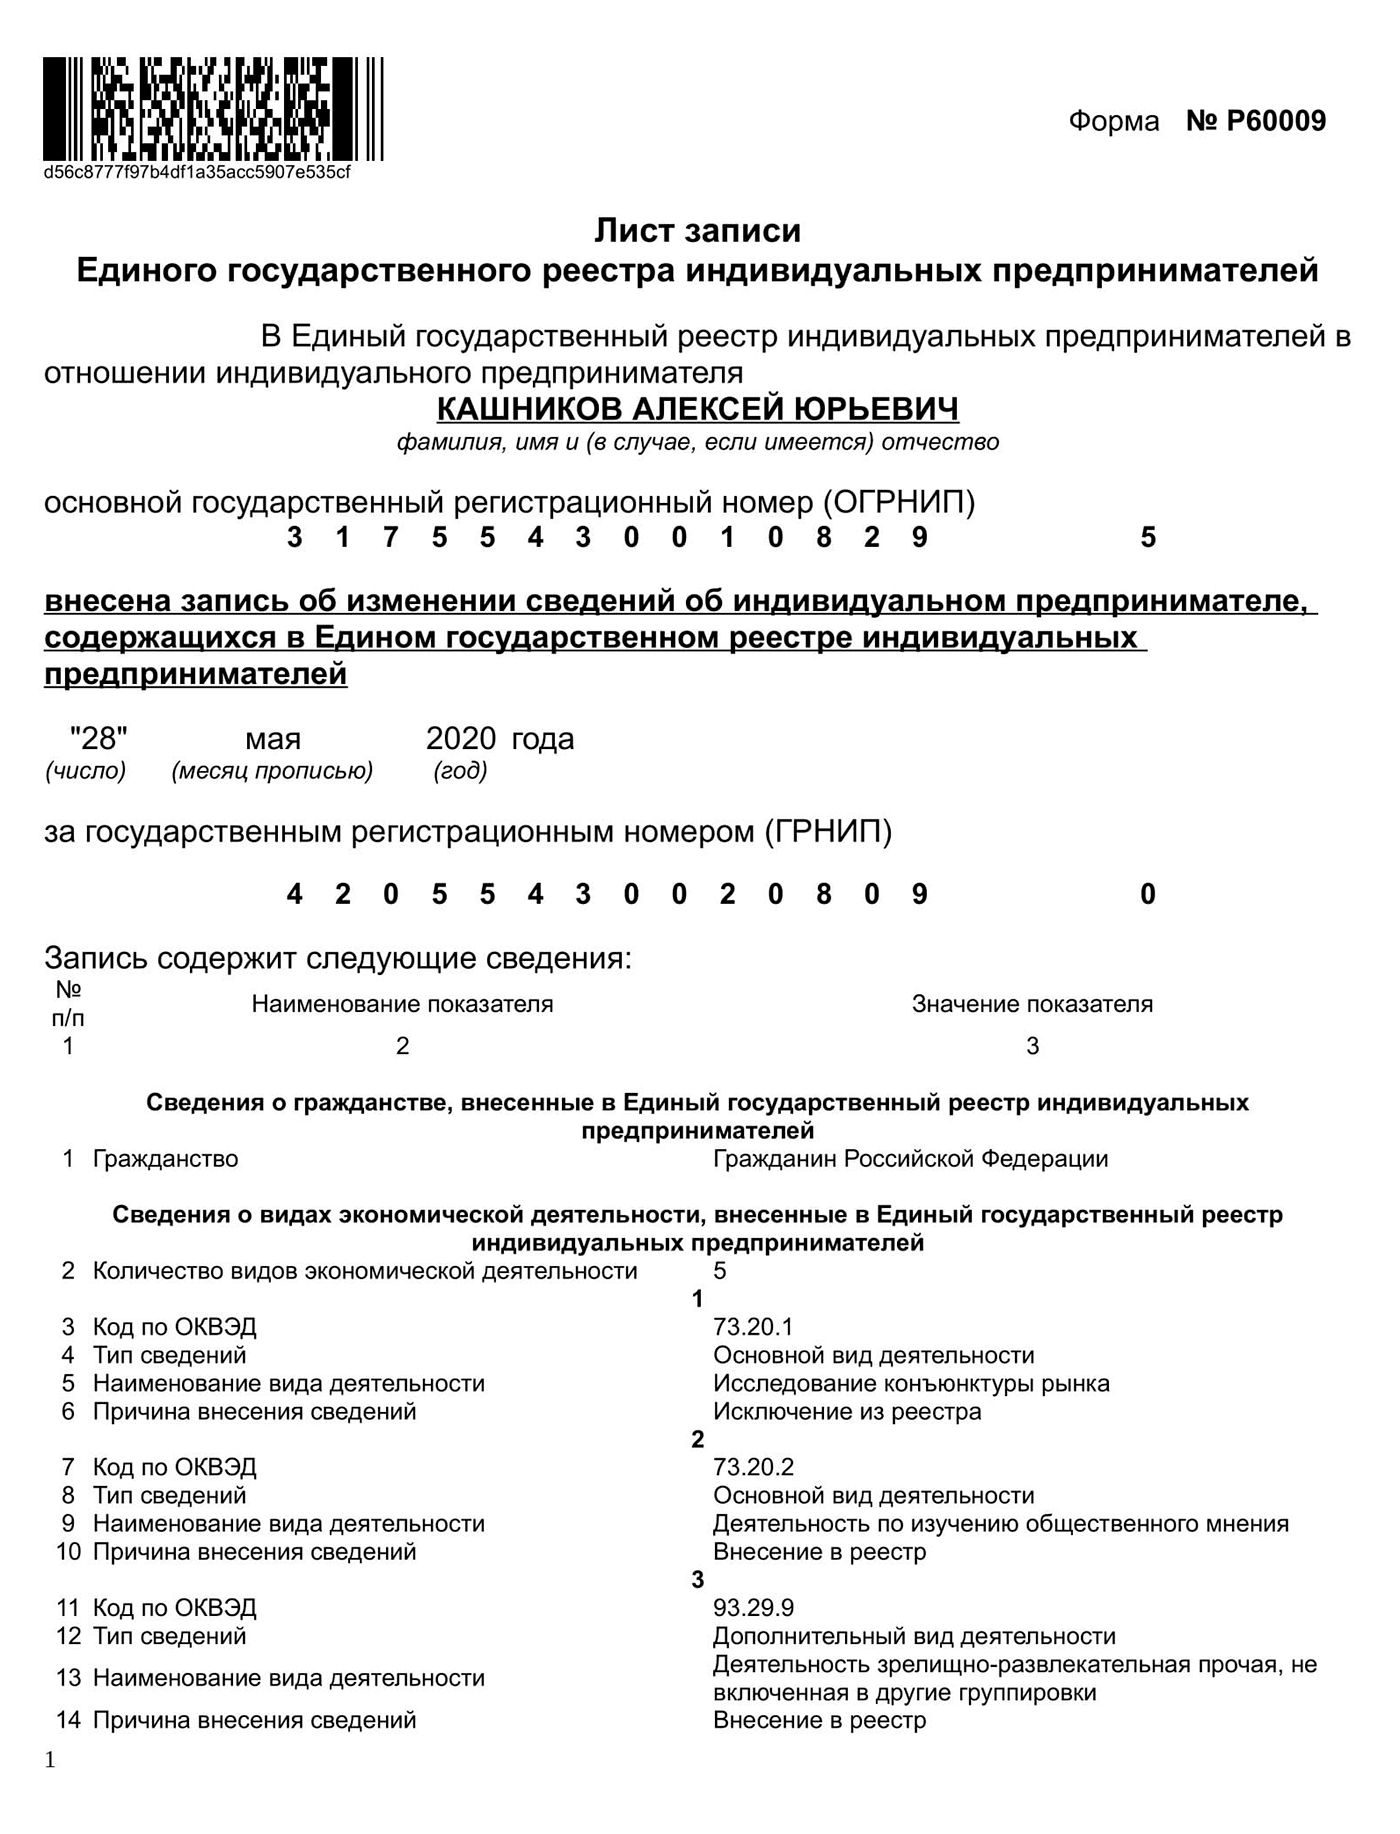 В листе записи ЕГРИП сказано, какие ОКВЭДы добавили, какие исключили